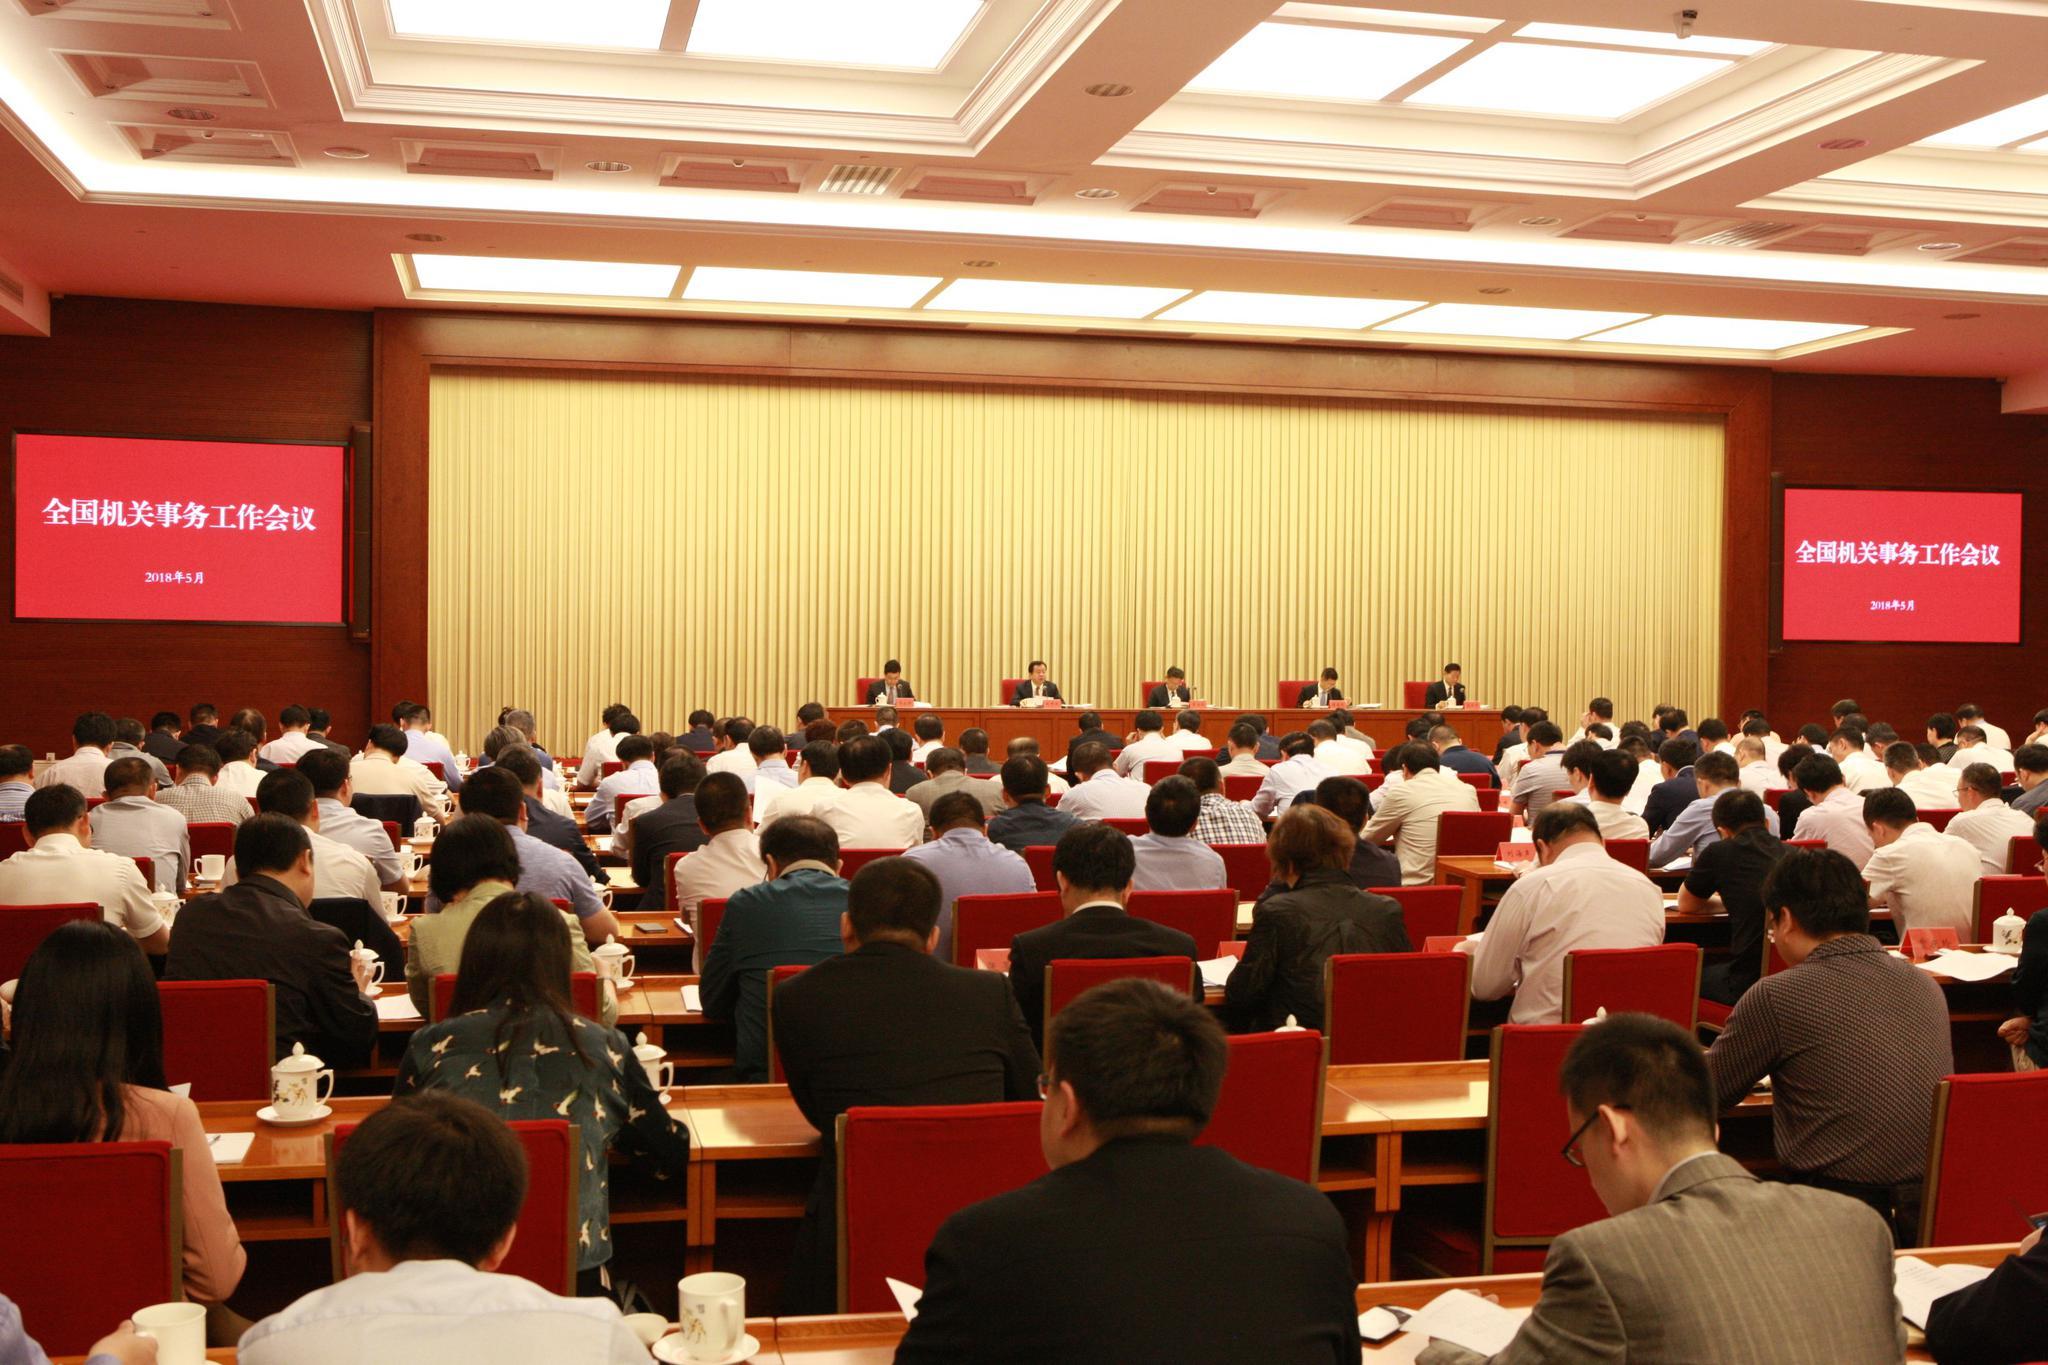 国管局召开2018年全国机关事务工作会议